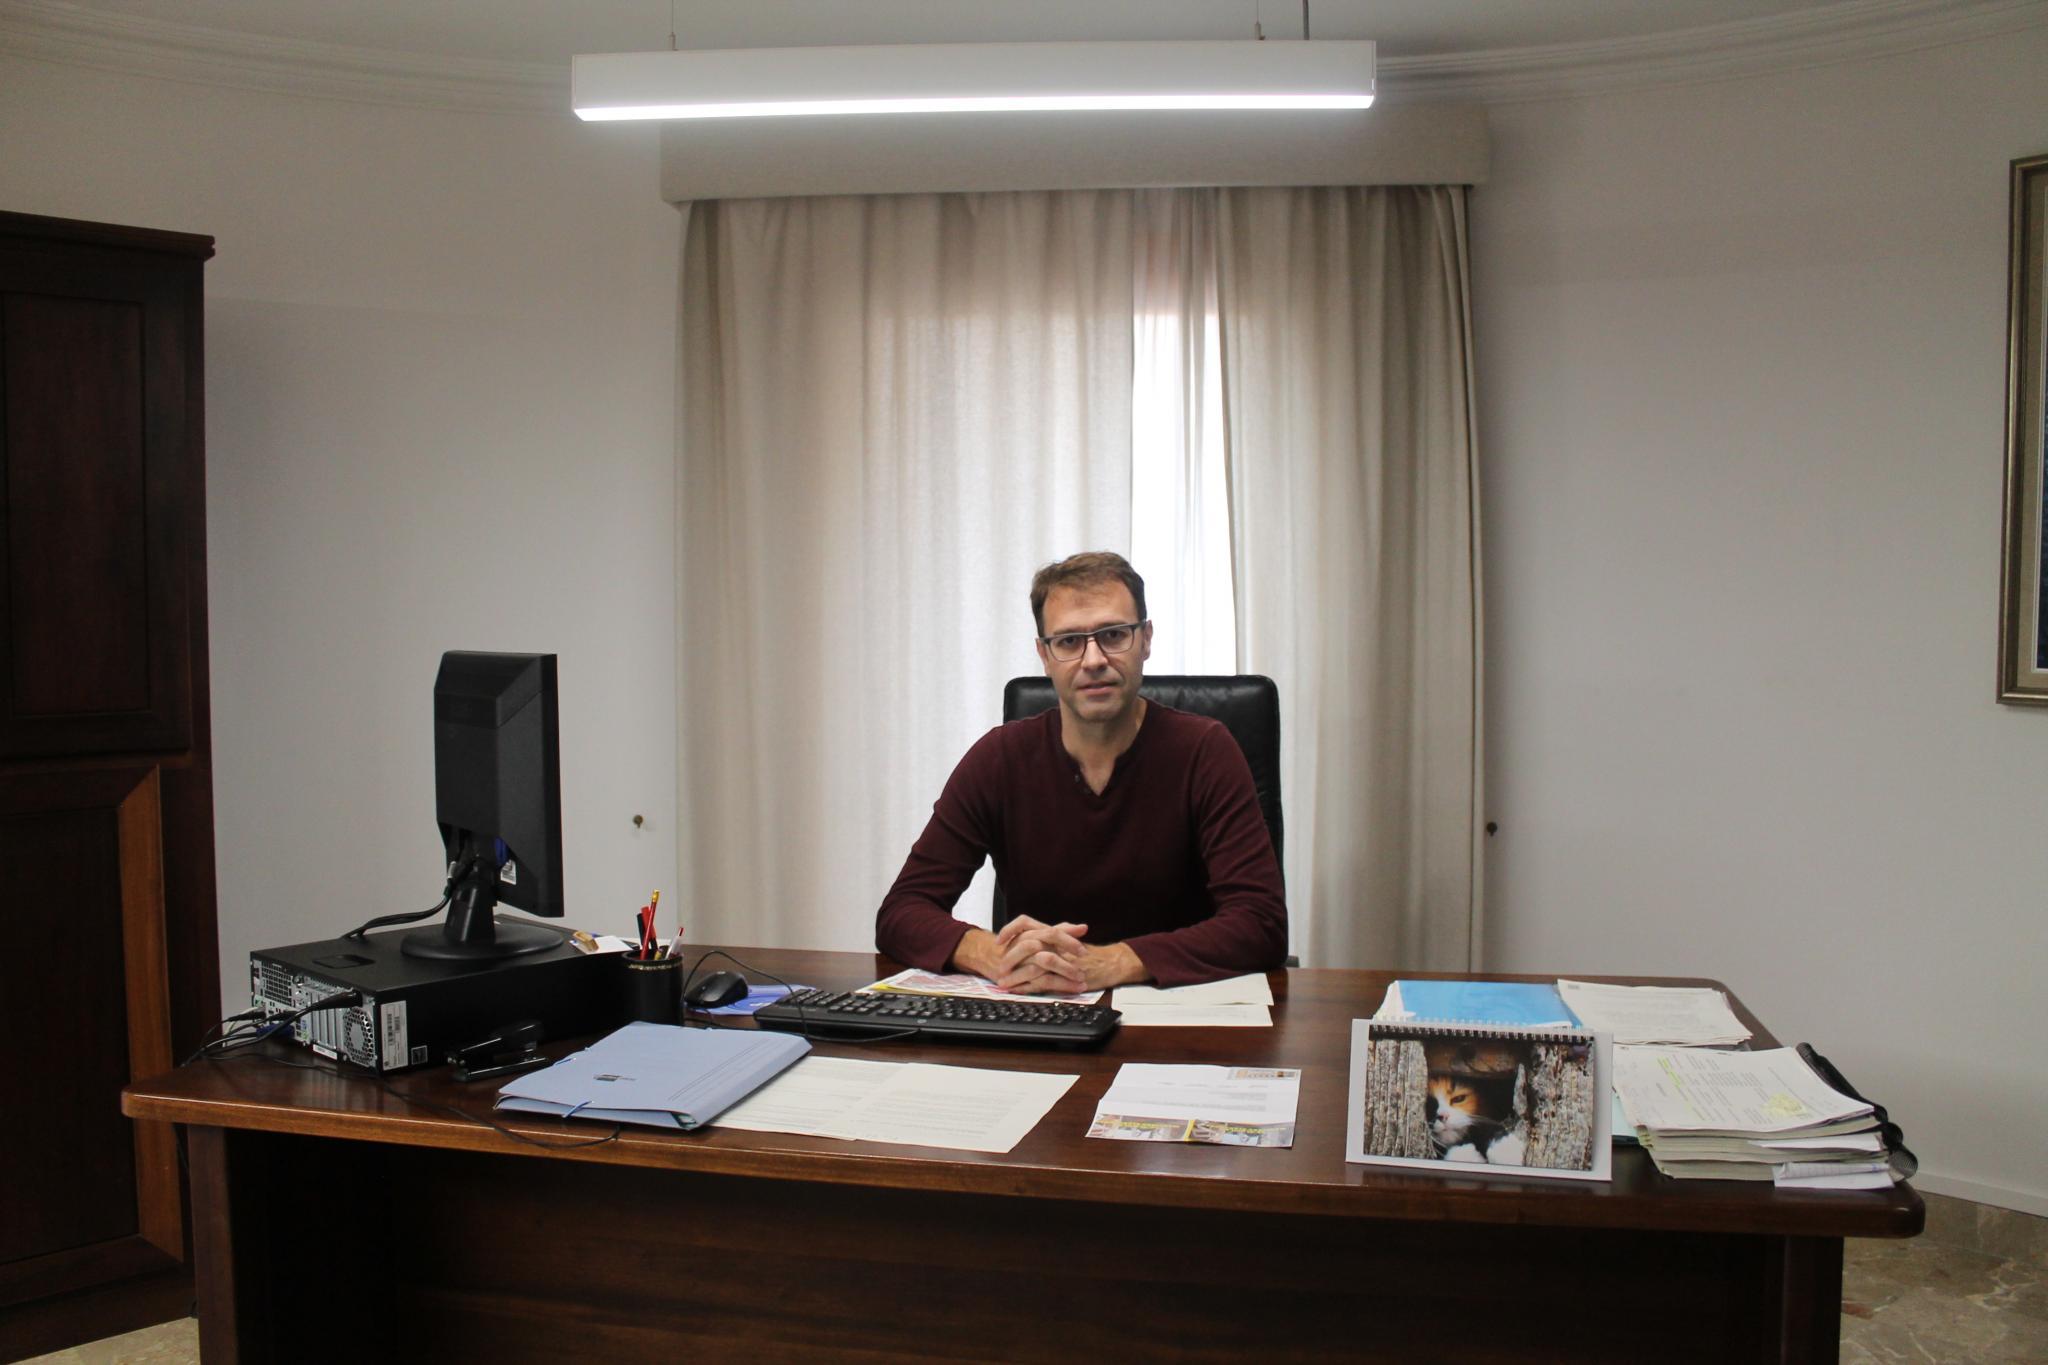 Manacor Mayor, Miquel Oliver